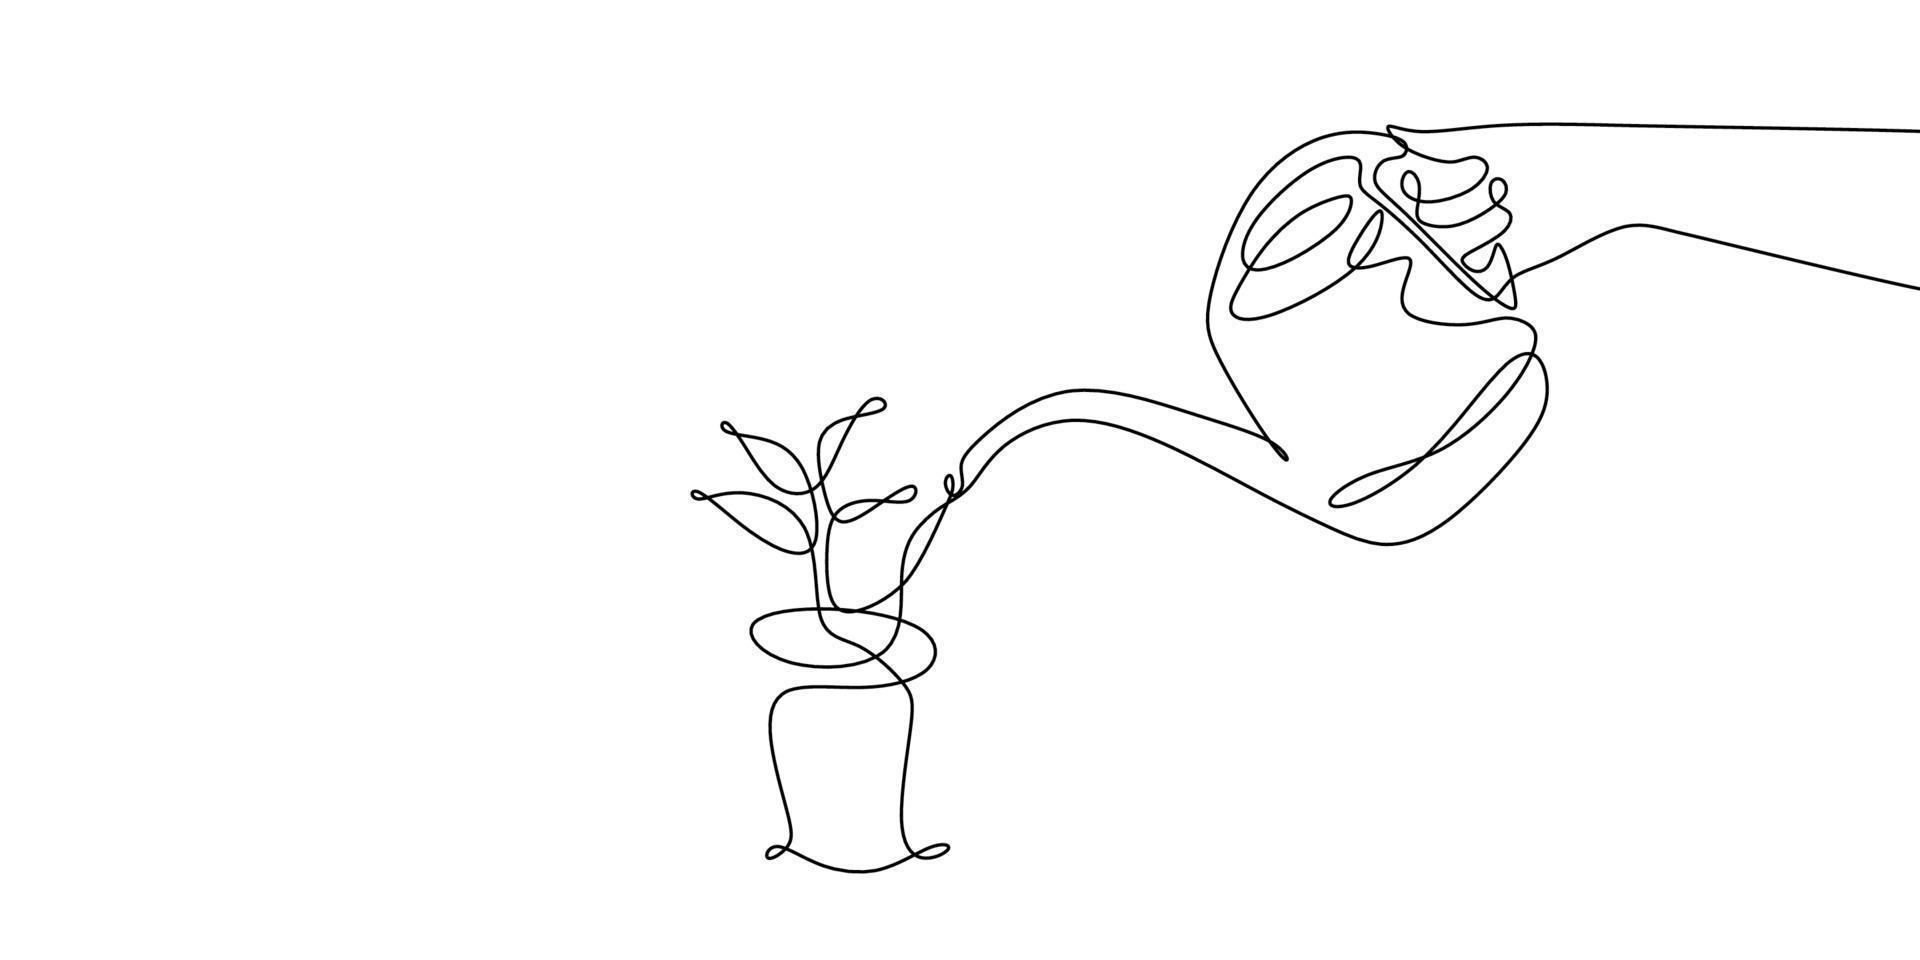 desenho de linha contínuo regando plantas isoladas no fundo branco. vetor